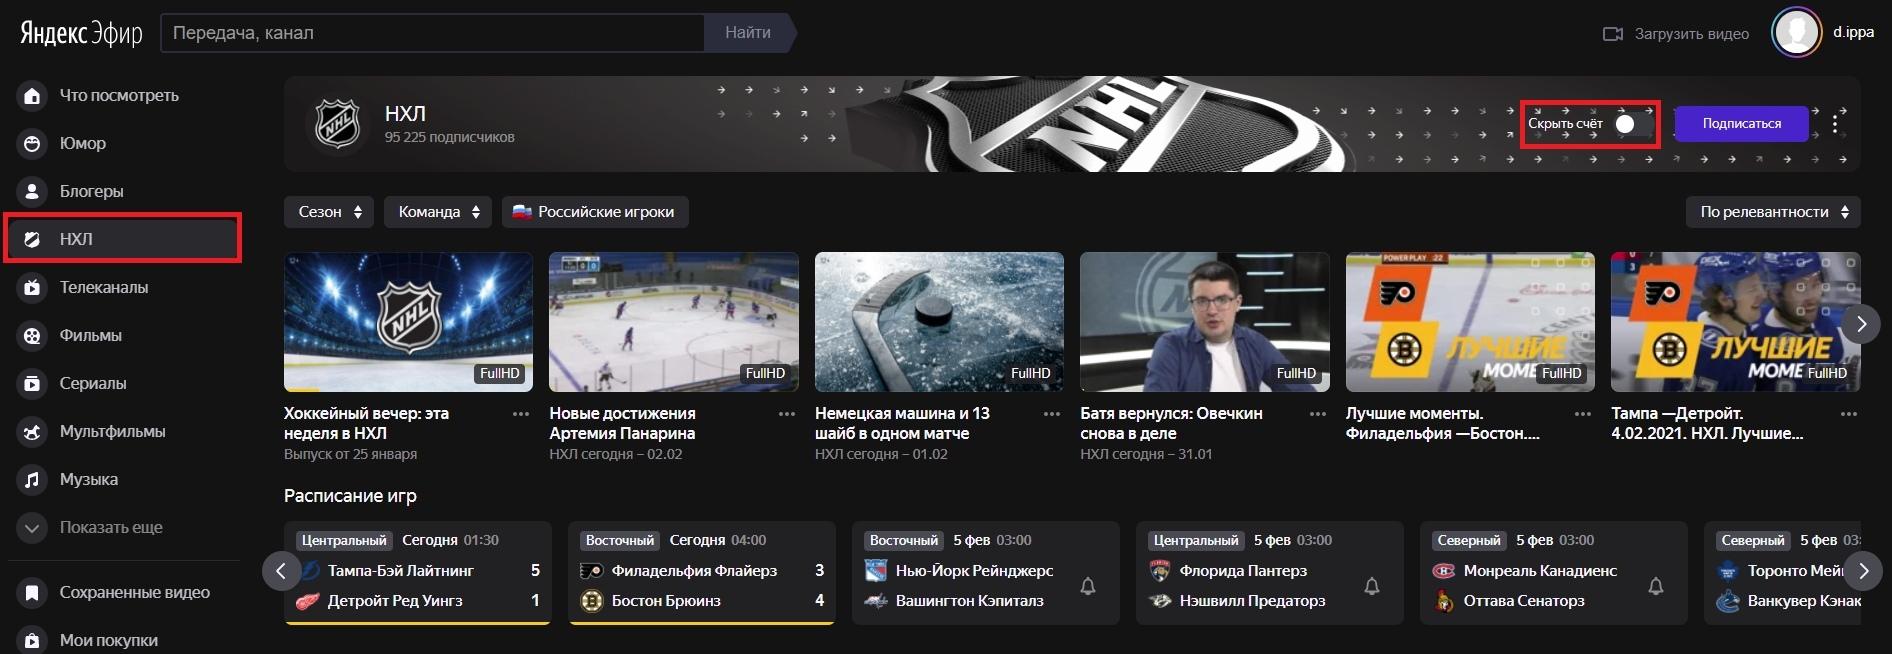 Раздел «НХЛ»